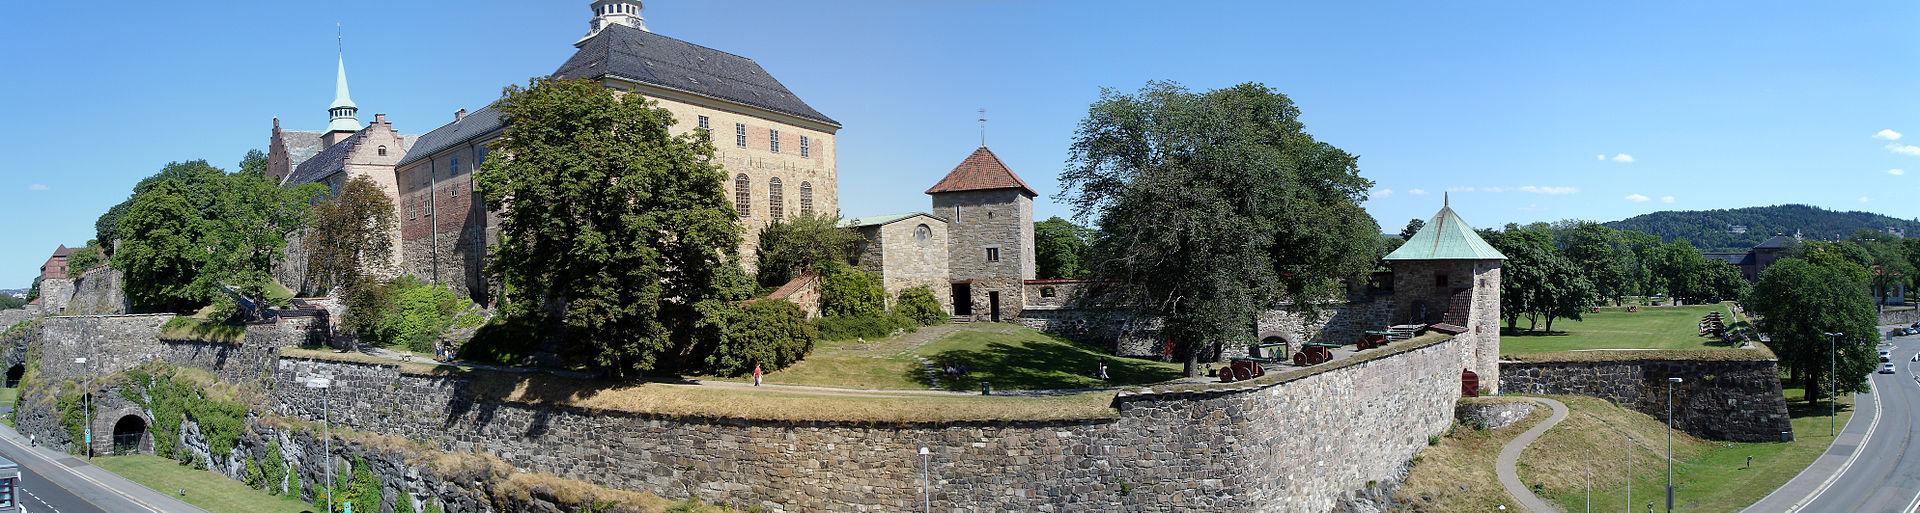 3 انشطة سياحية يمكن التعرف عليها بقلعة آكيرشوس اوسلو